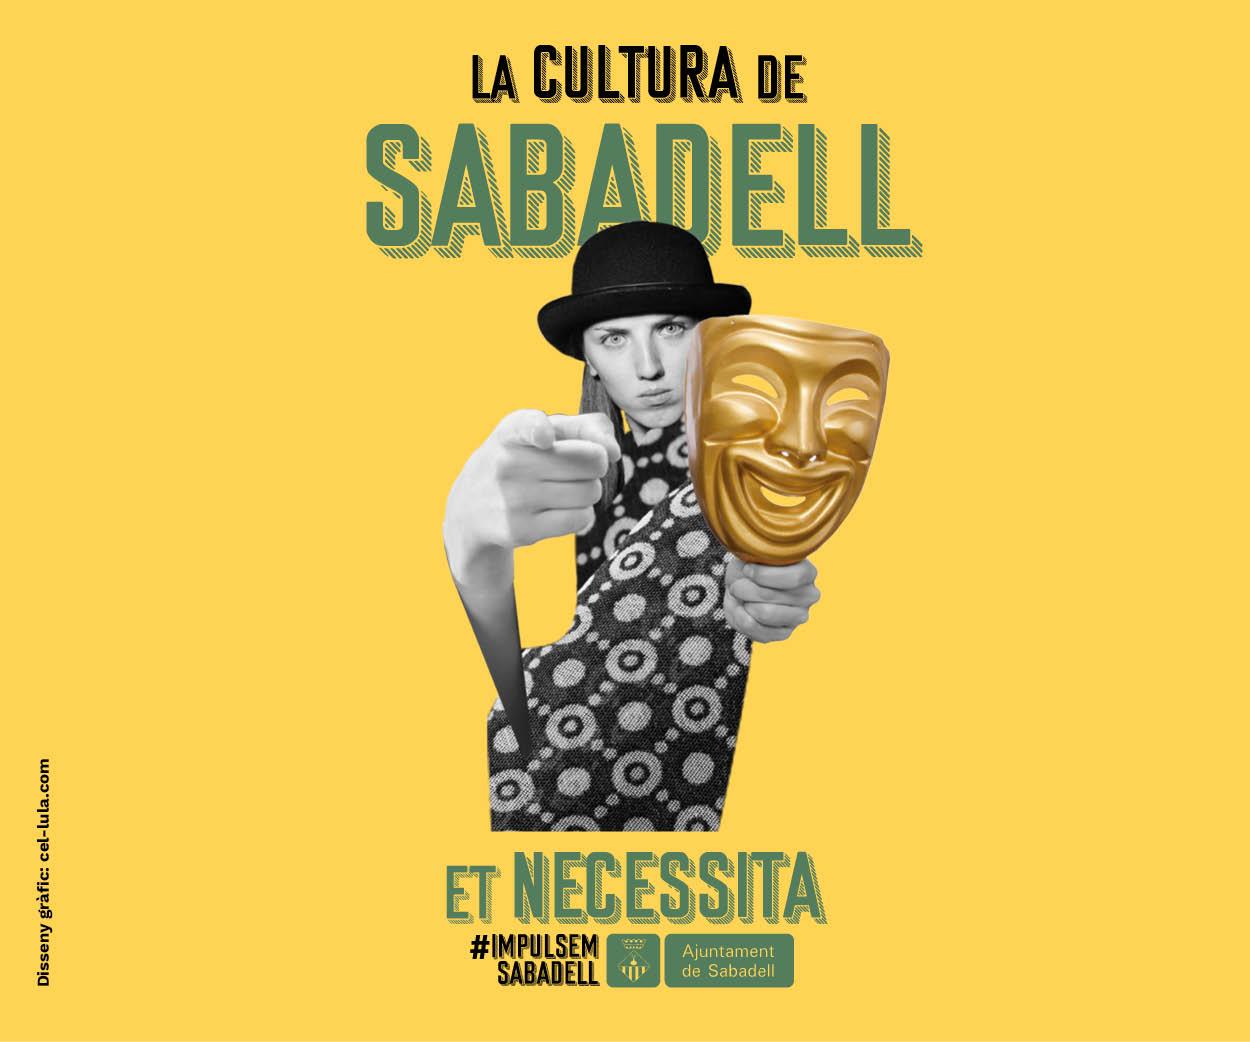 Cultura de Sabadell